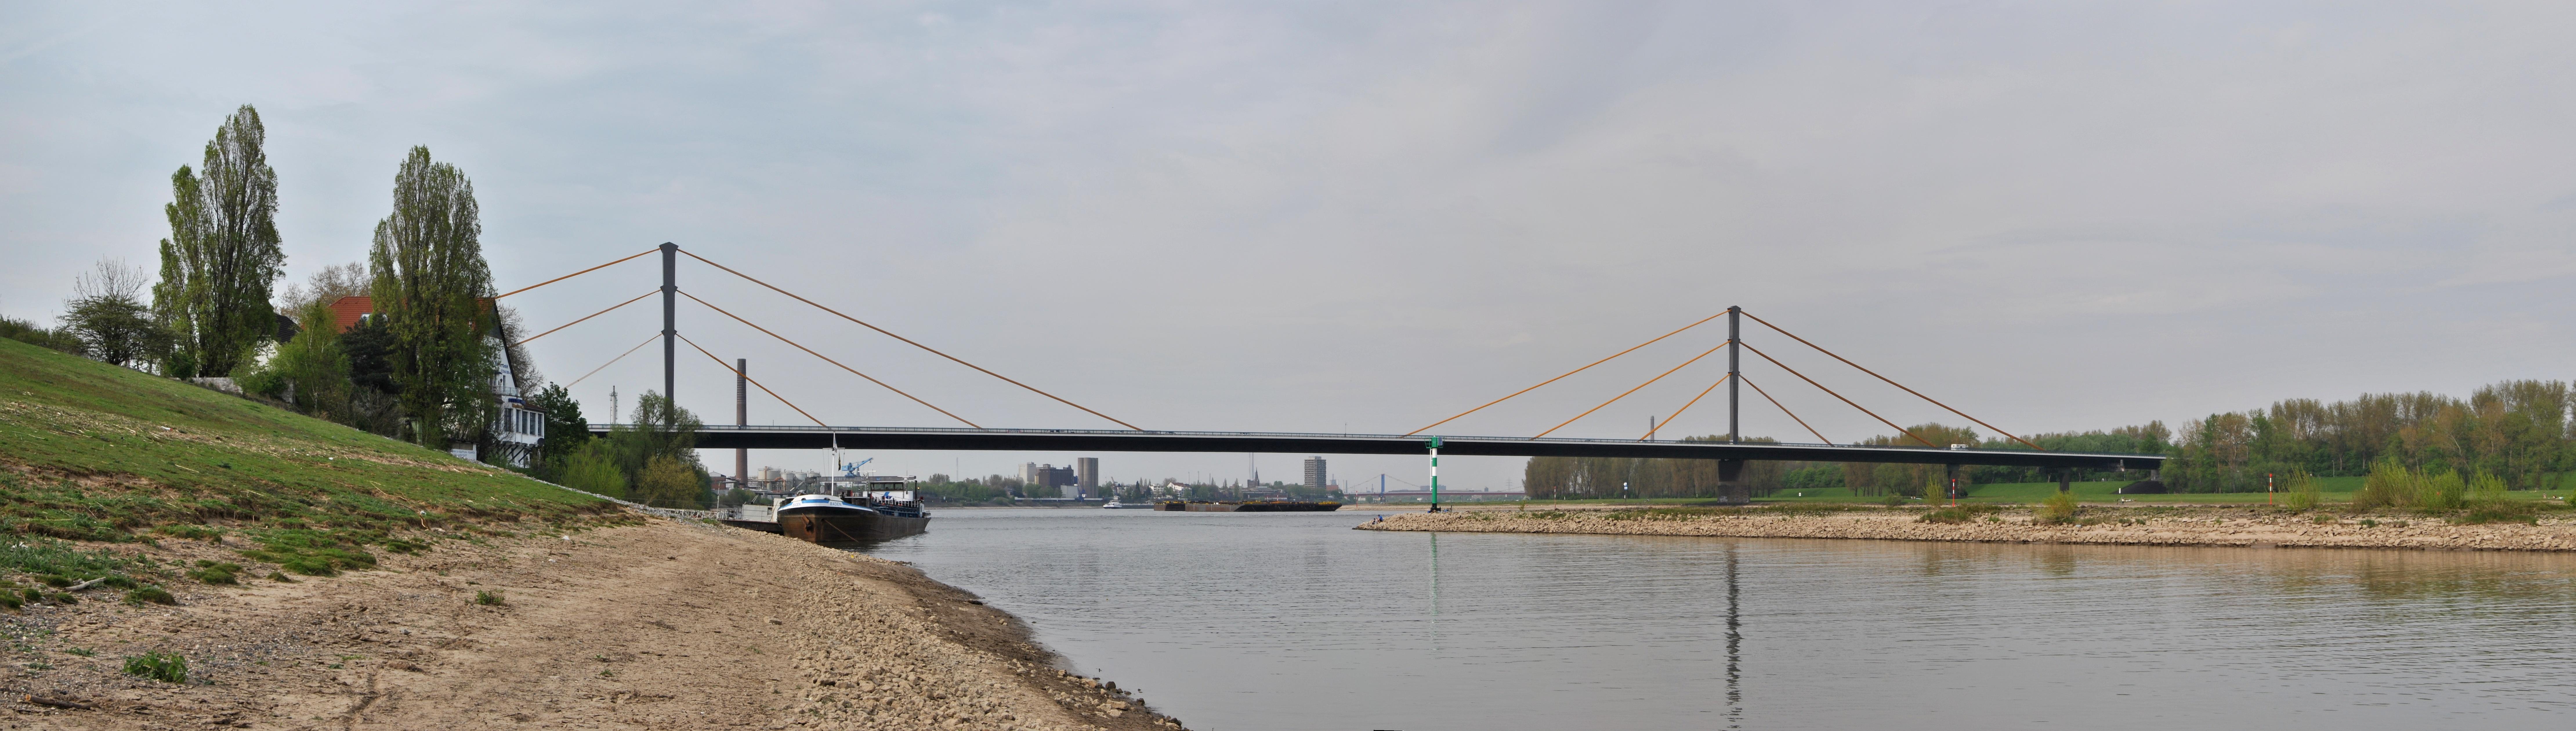 Панорама моста Нойнкамп